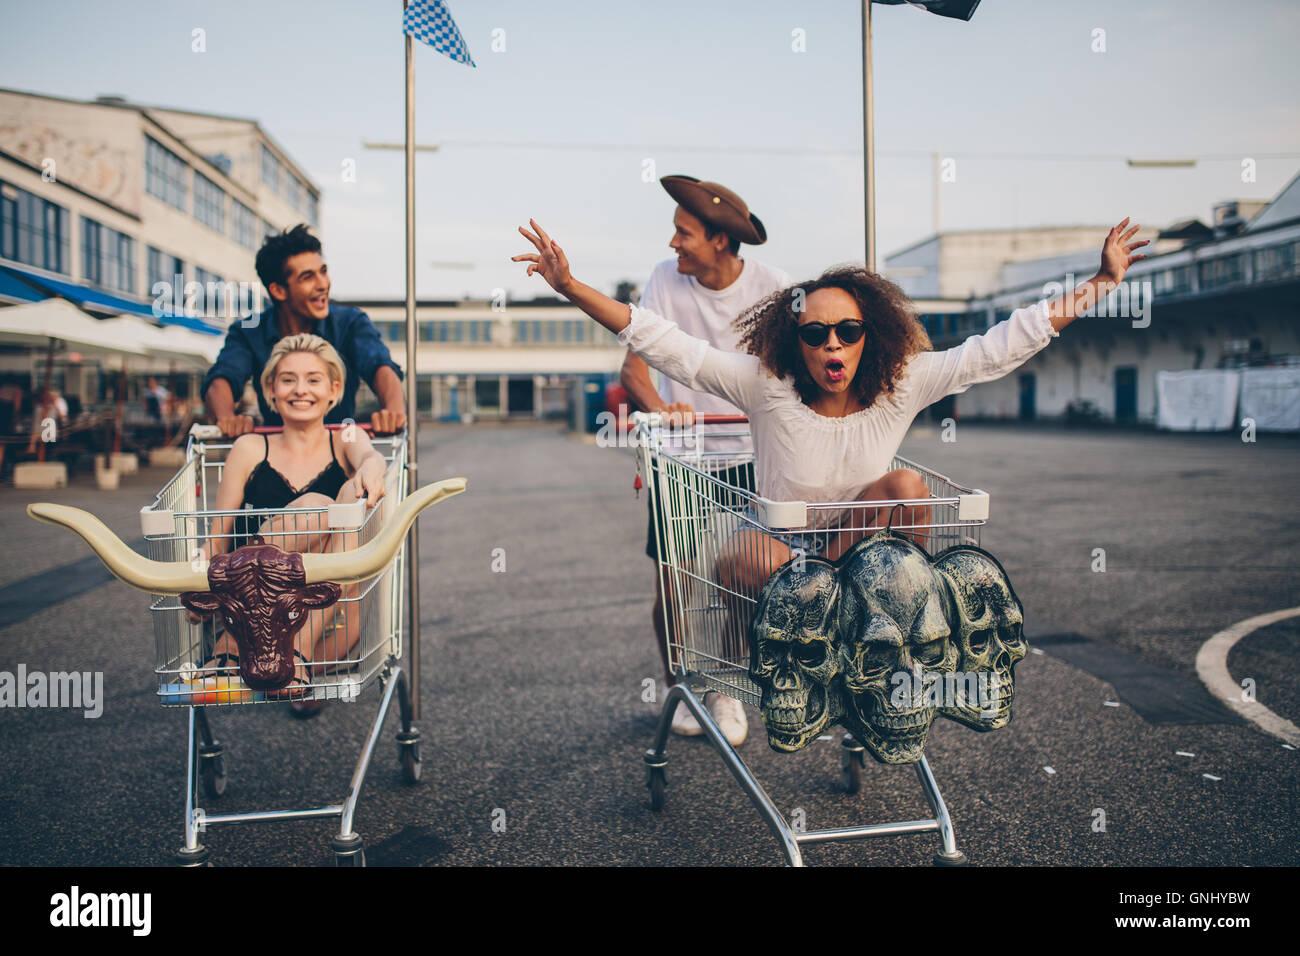 Jeunes amis s'amusant sur un panier. Les jeunes multiethniques racing sur panier. Photo Stock